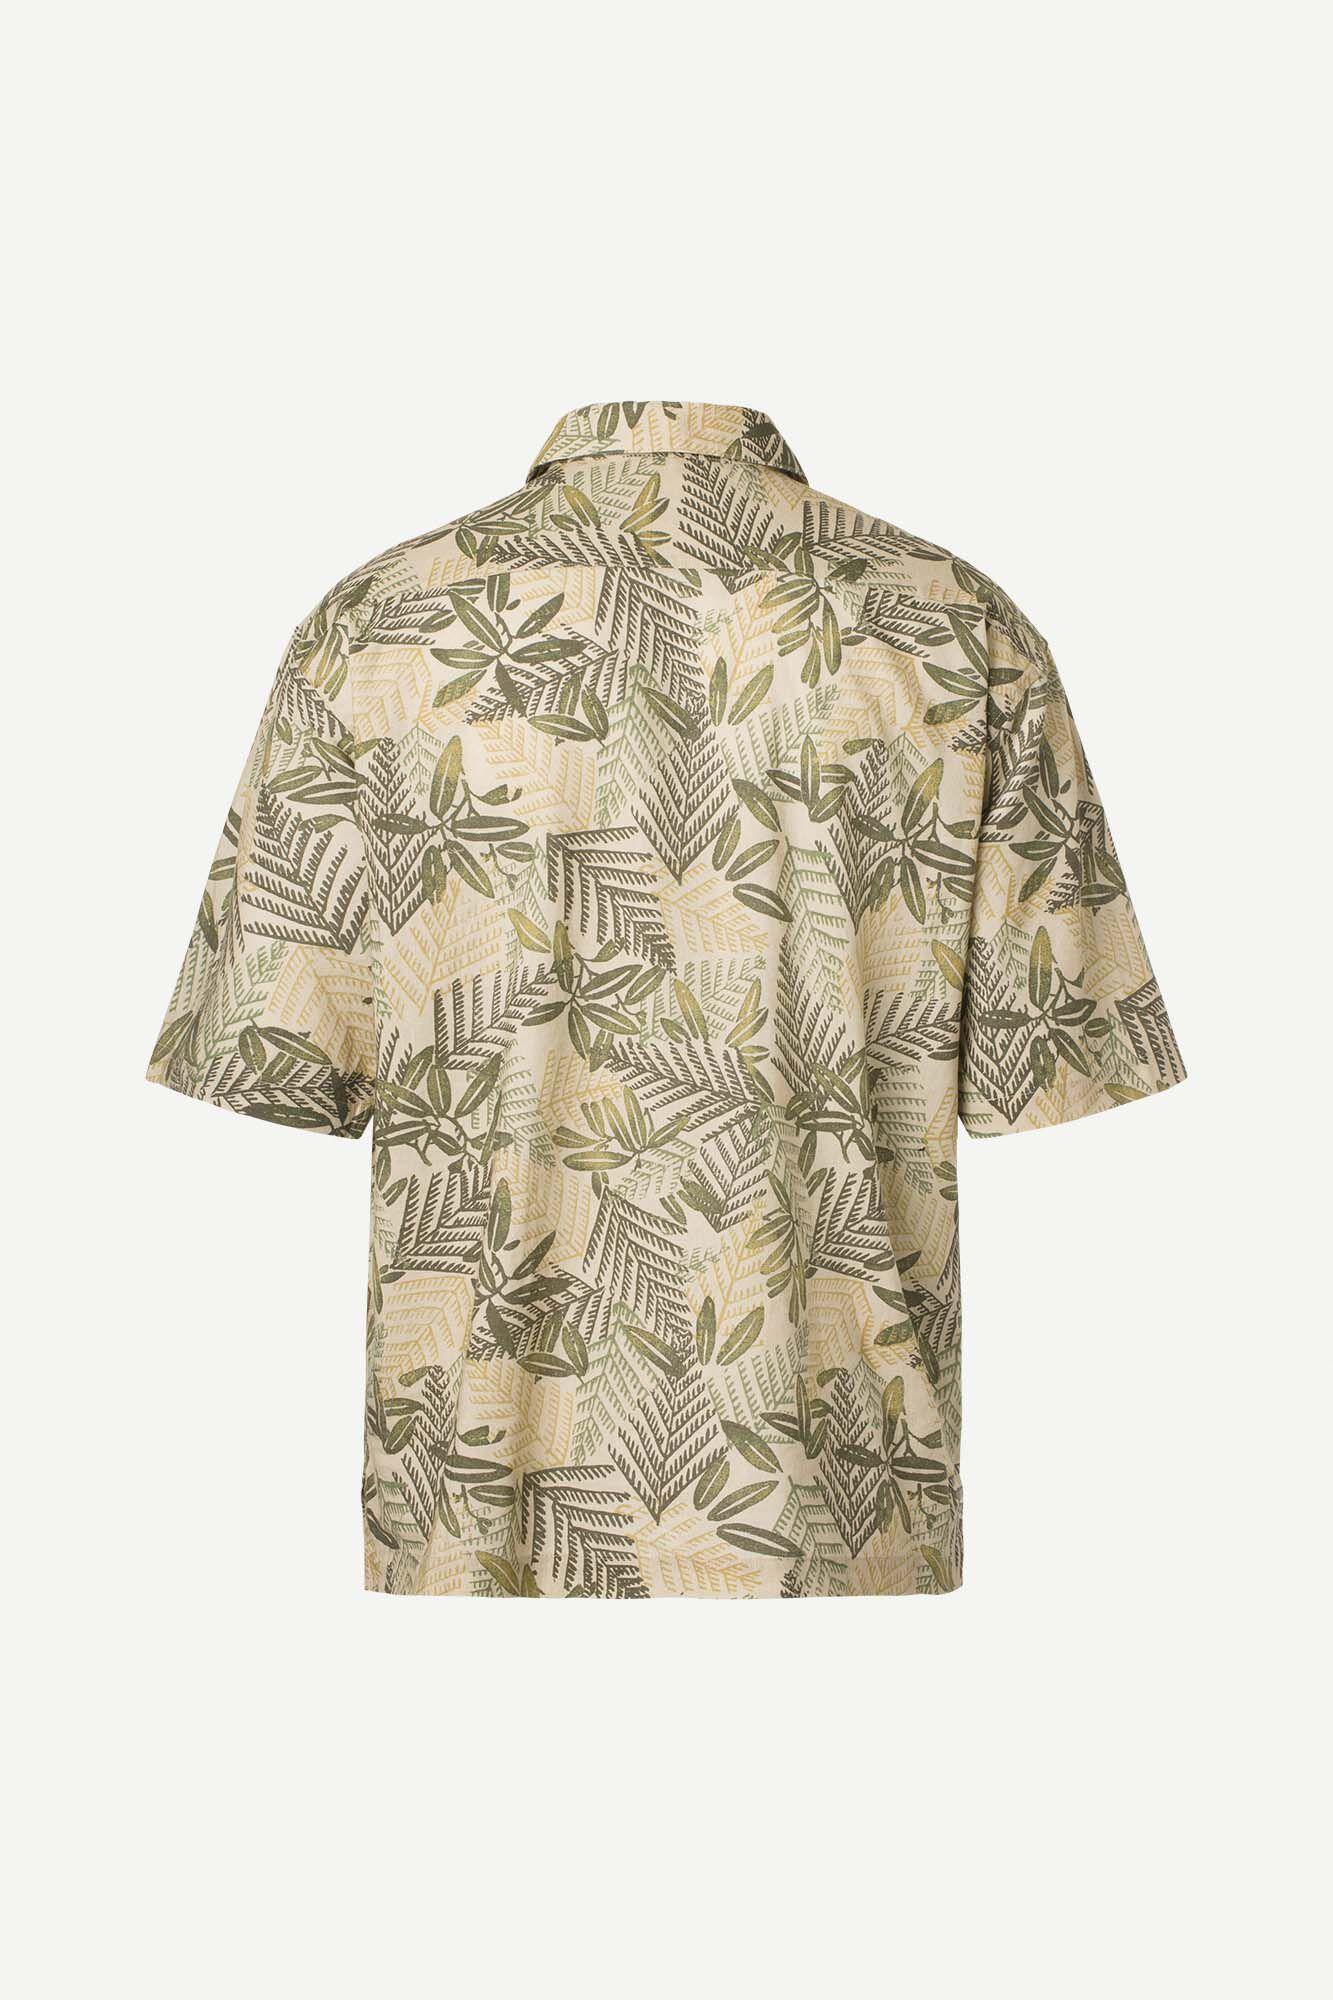 Ayo P shirt aop 6971, GOLD ALPINE